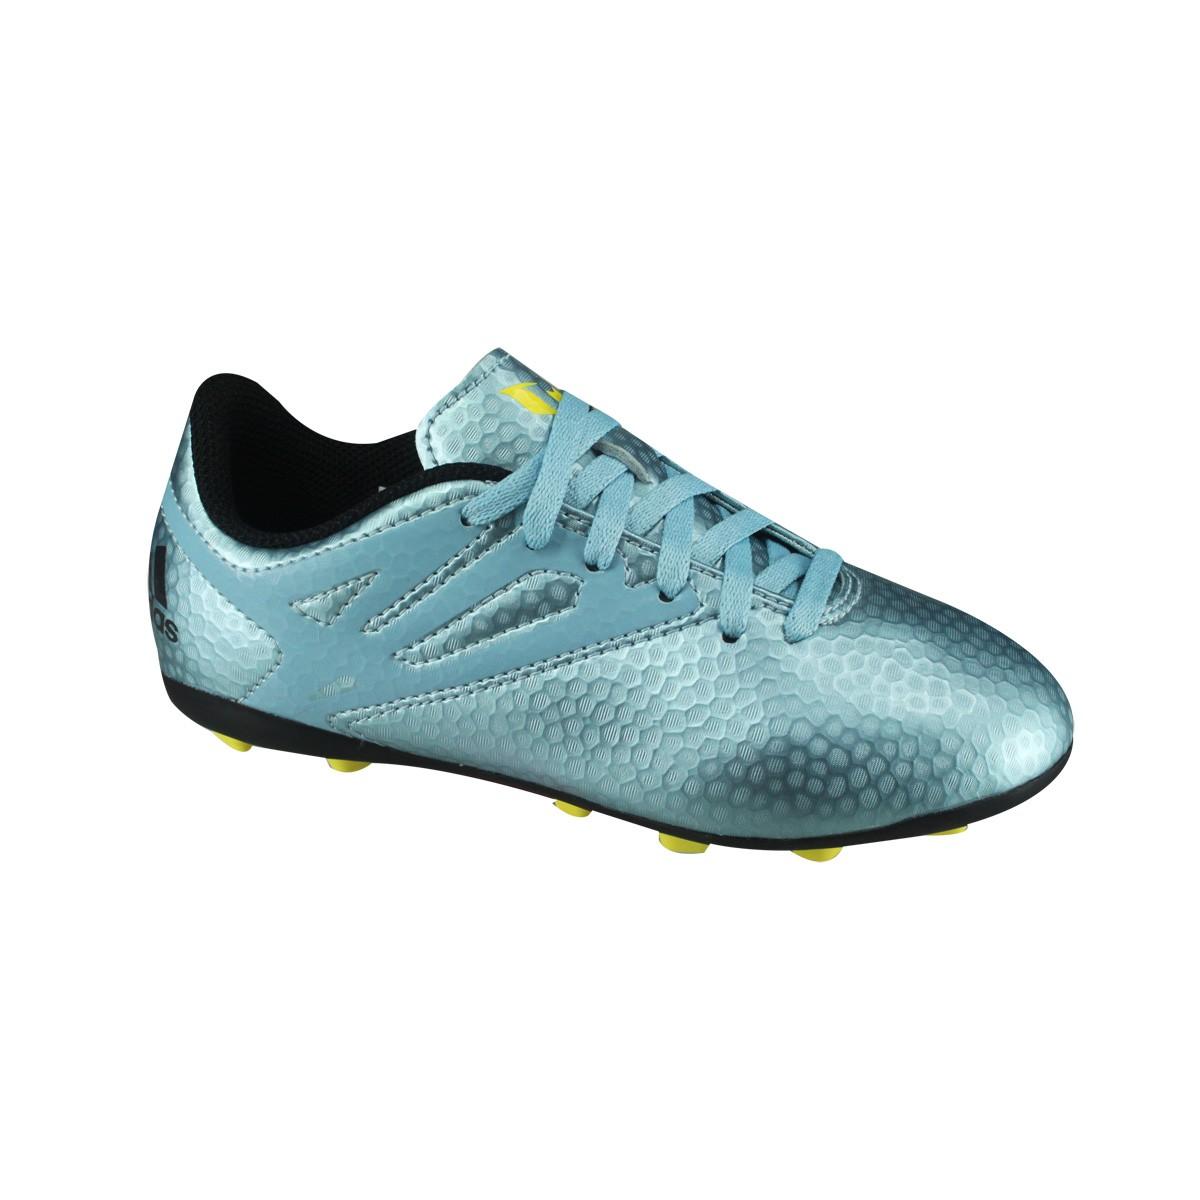 Chuteira Adidas Infantil Campo Messi 15.4 FXG B26956 - Petroleo ... 0ce681338c454